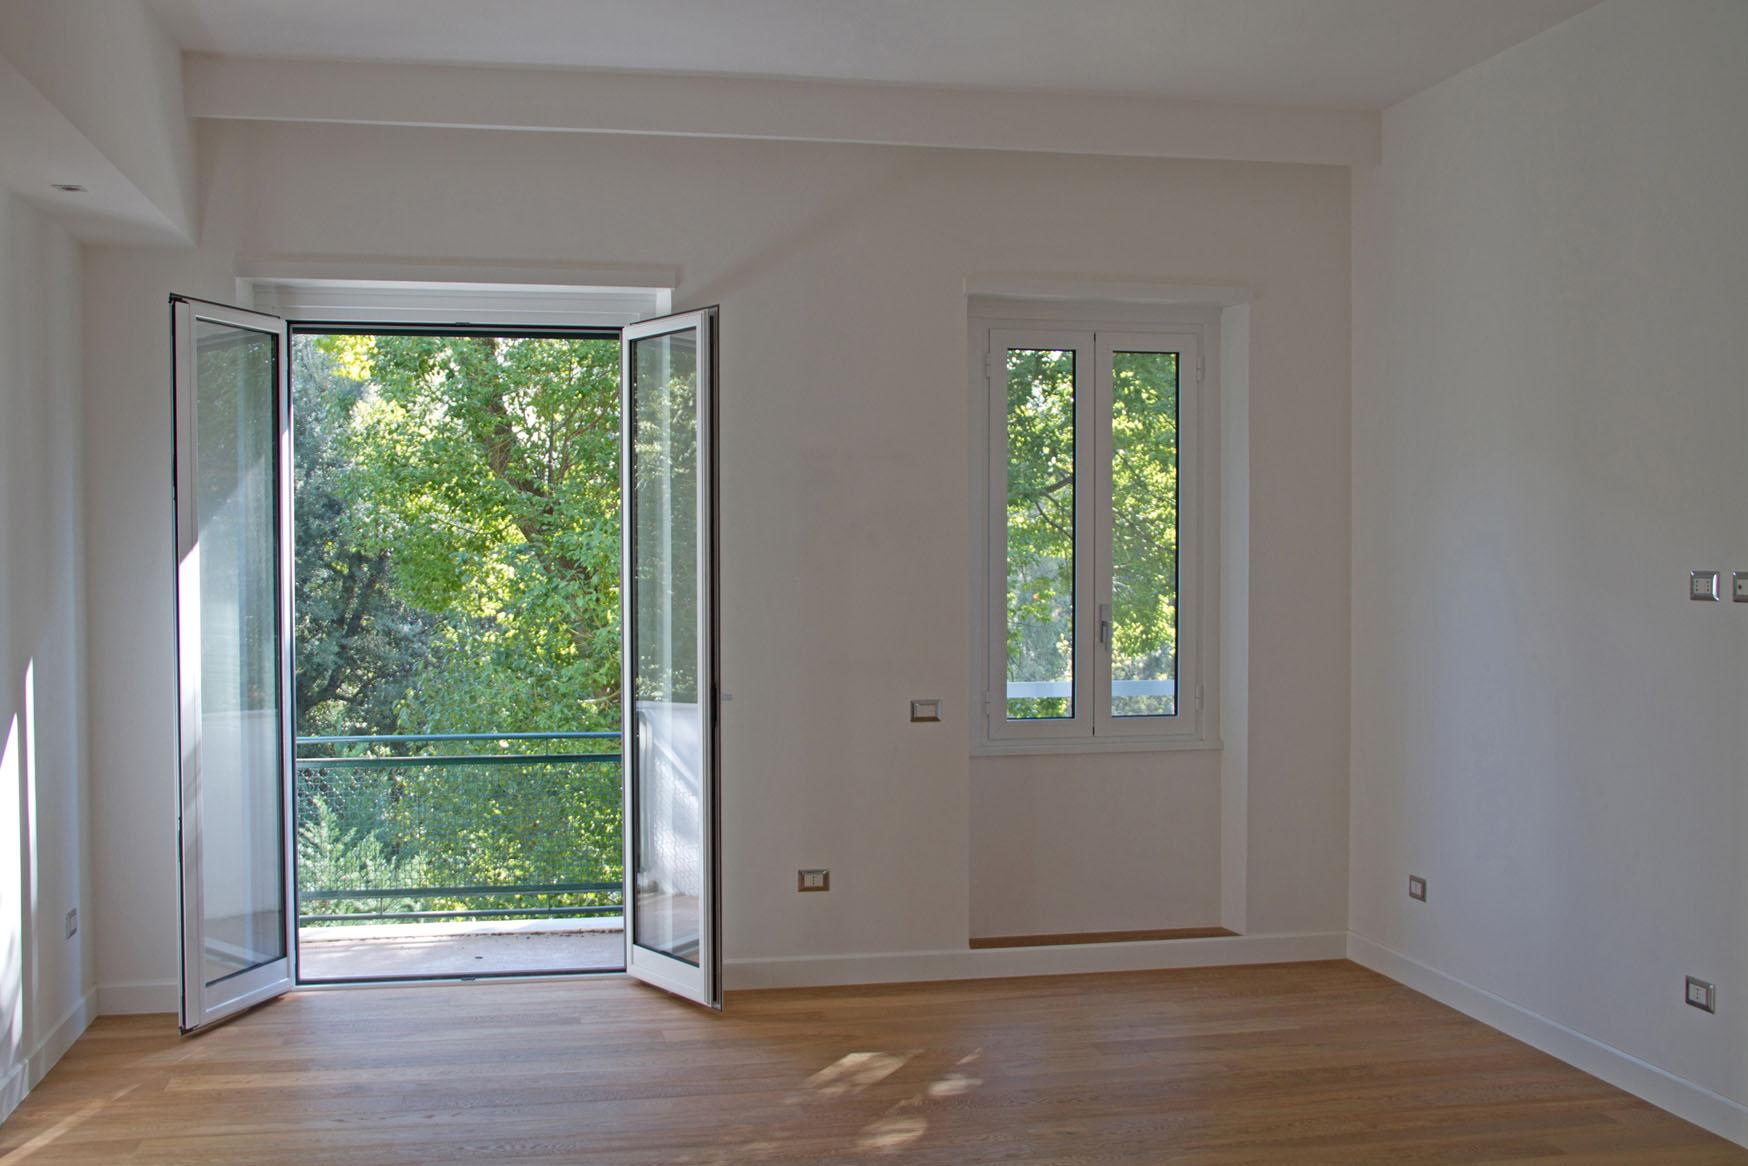 Interni-Soggiorno-pranzo-appartamento-B1 | Immobiliare Marrè